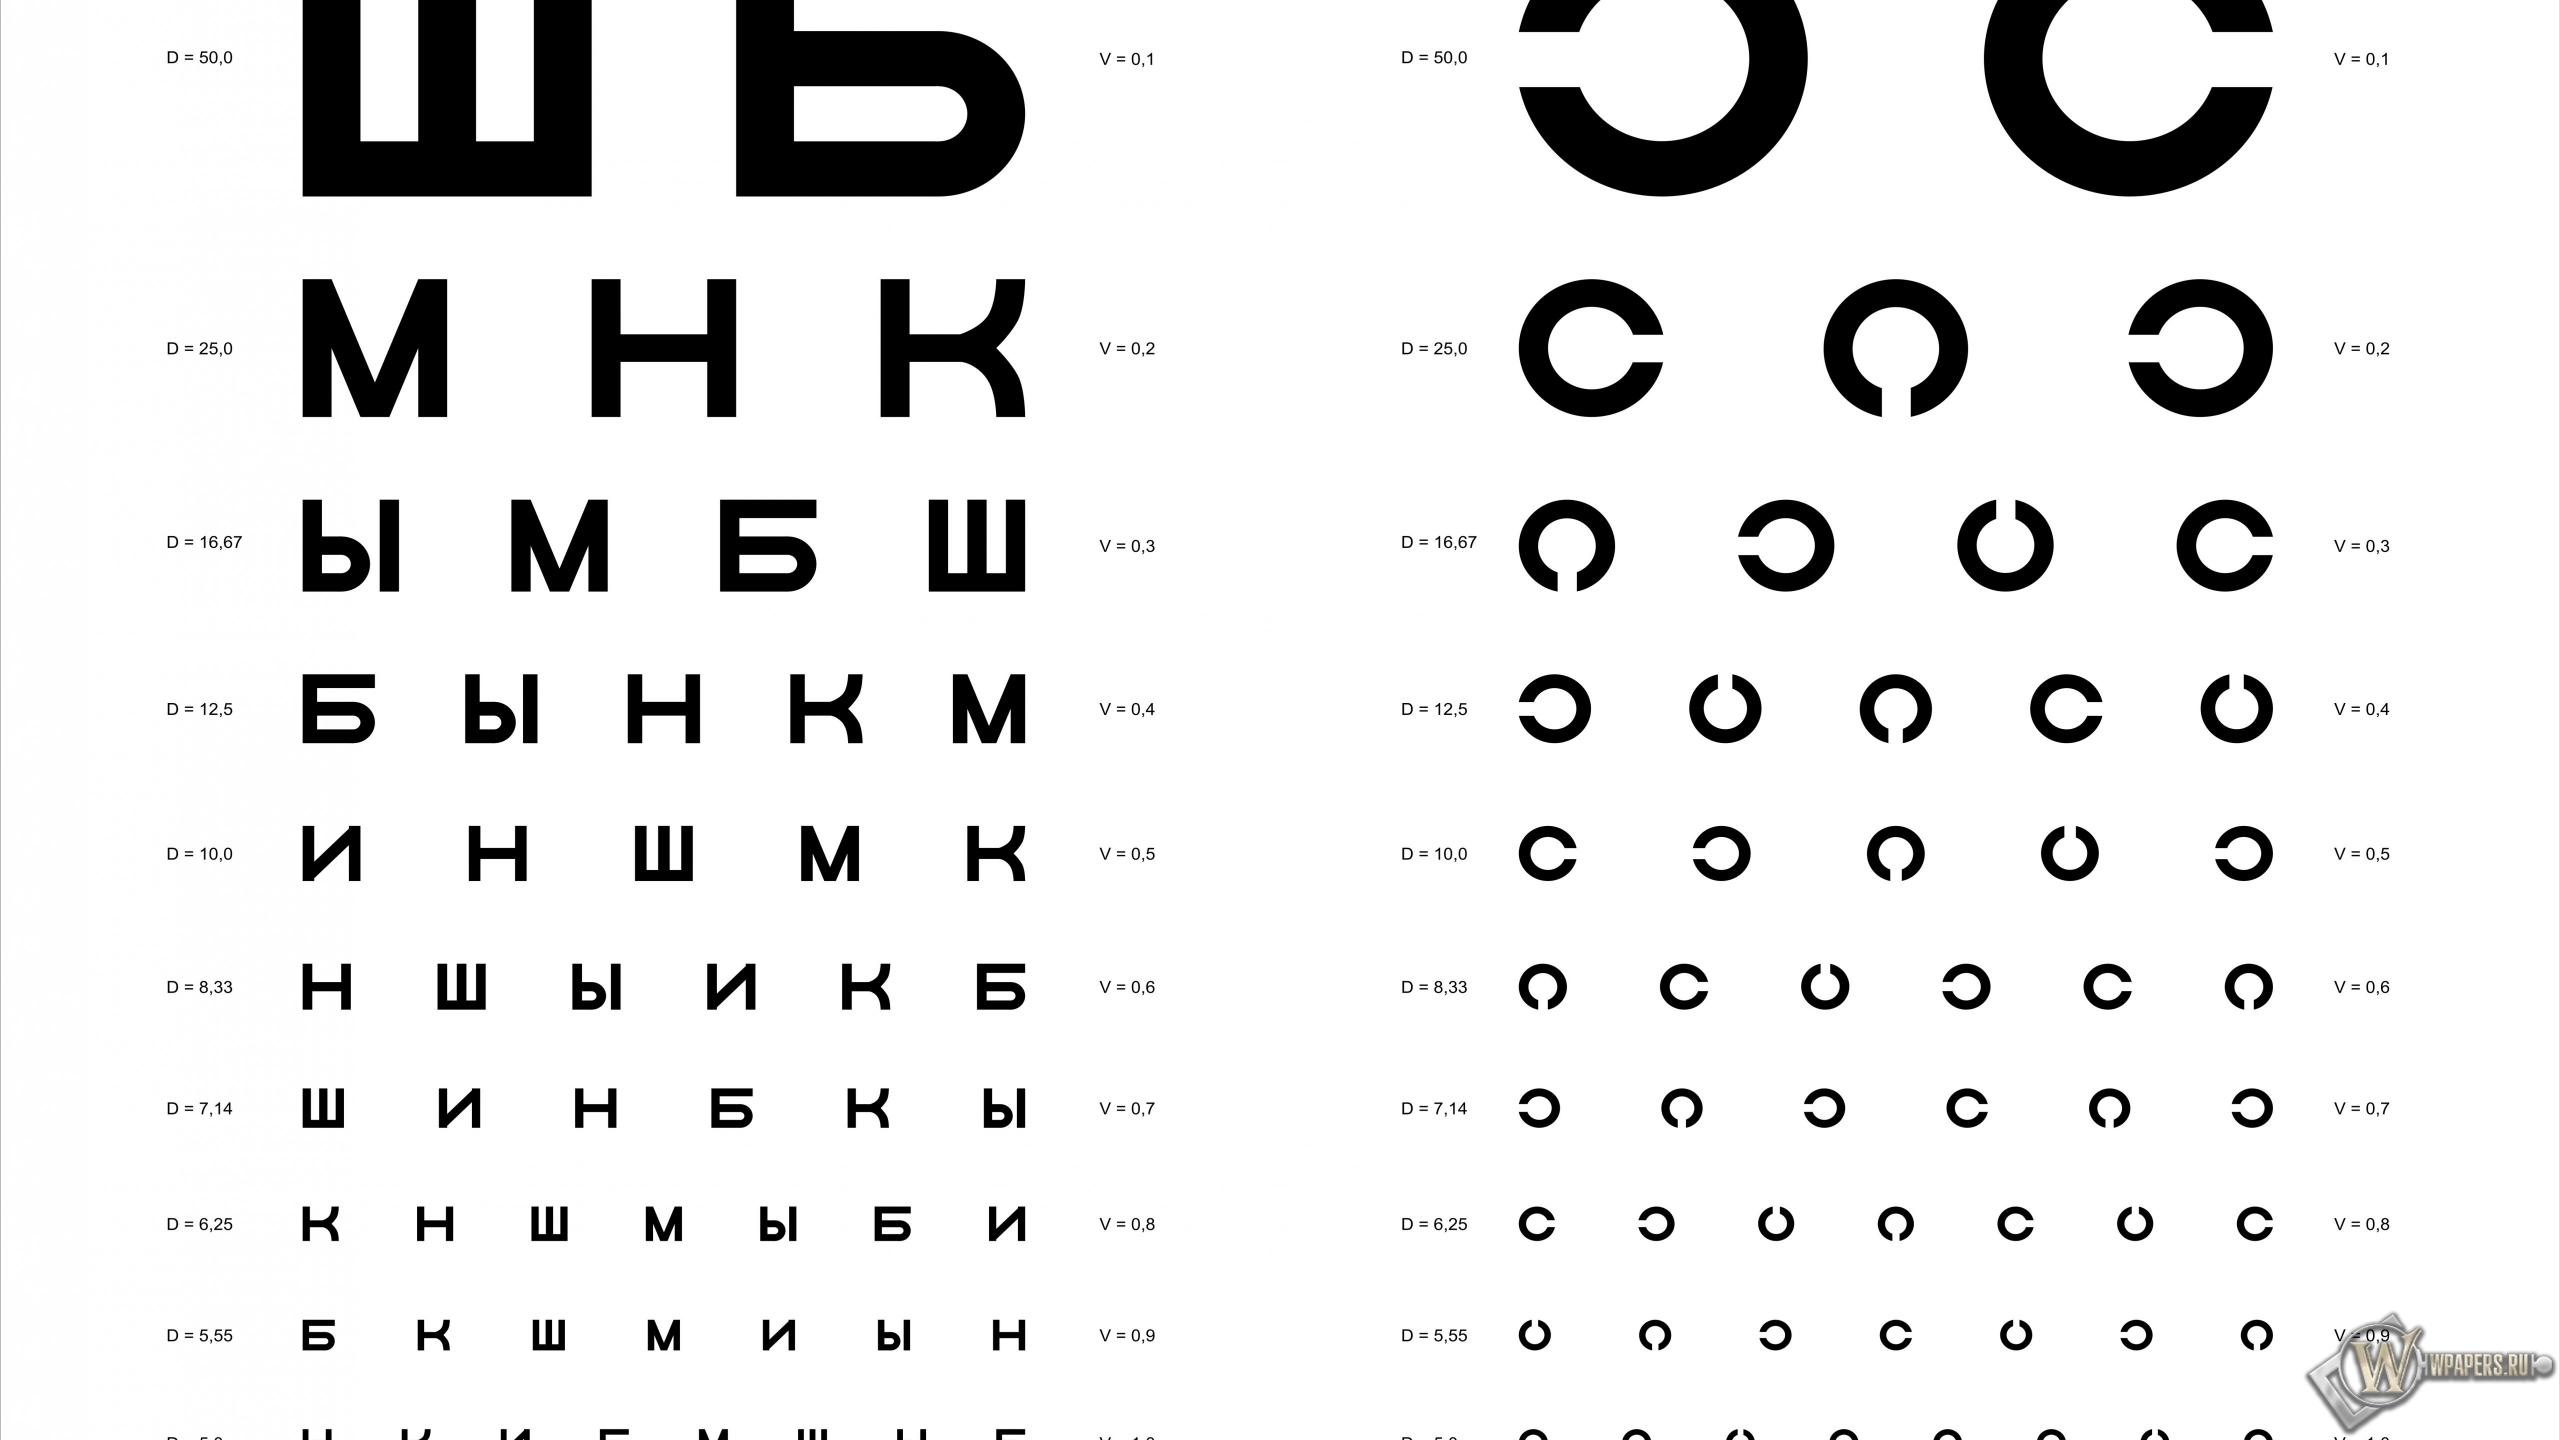 Таблица Д.А. Сивцева для проверки зрения 2560x1440